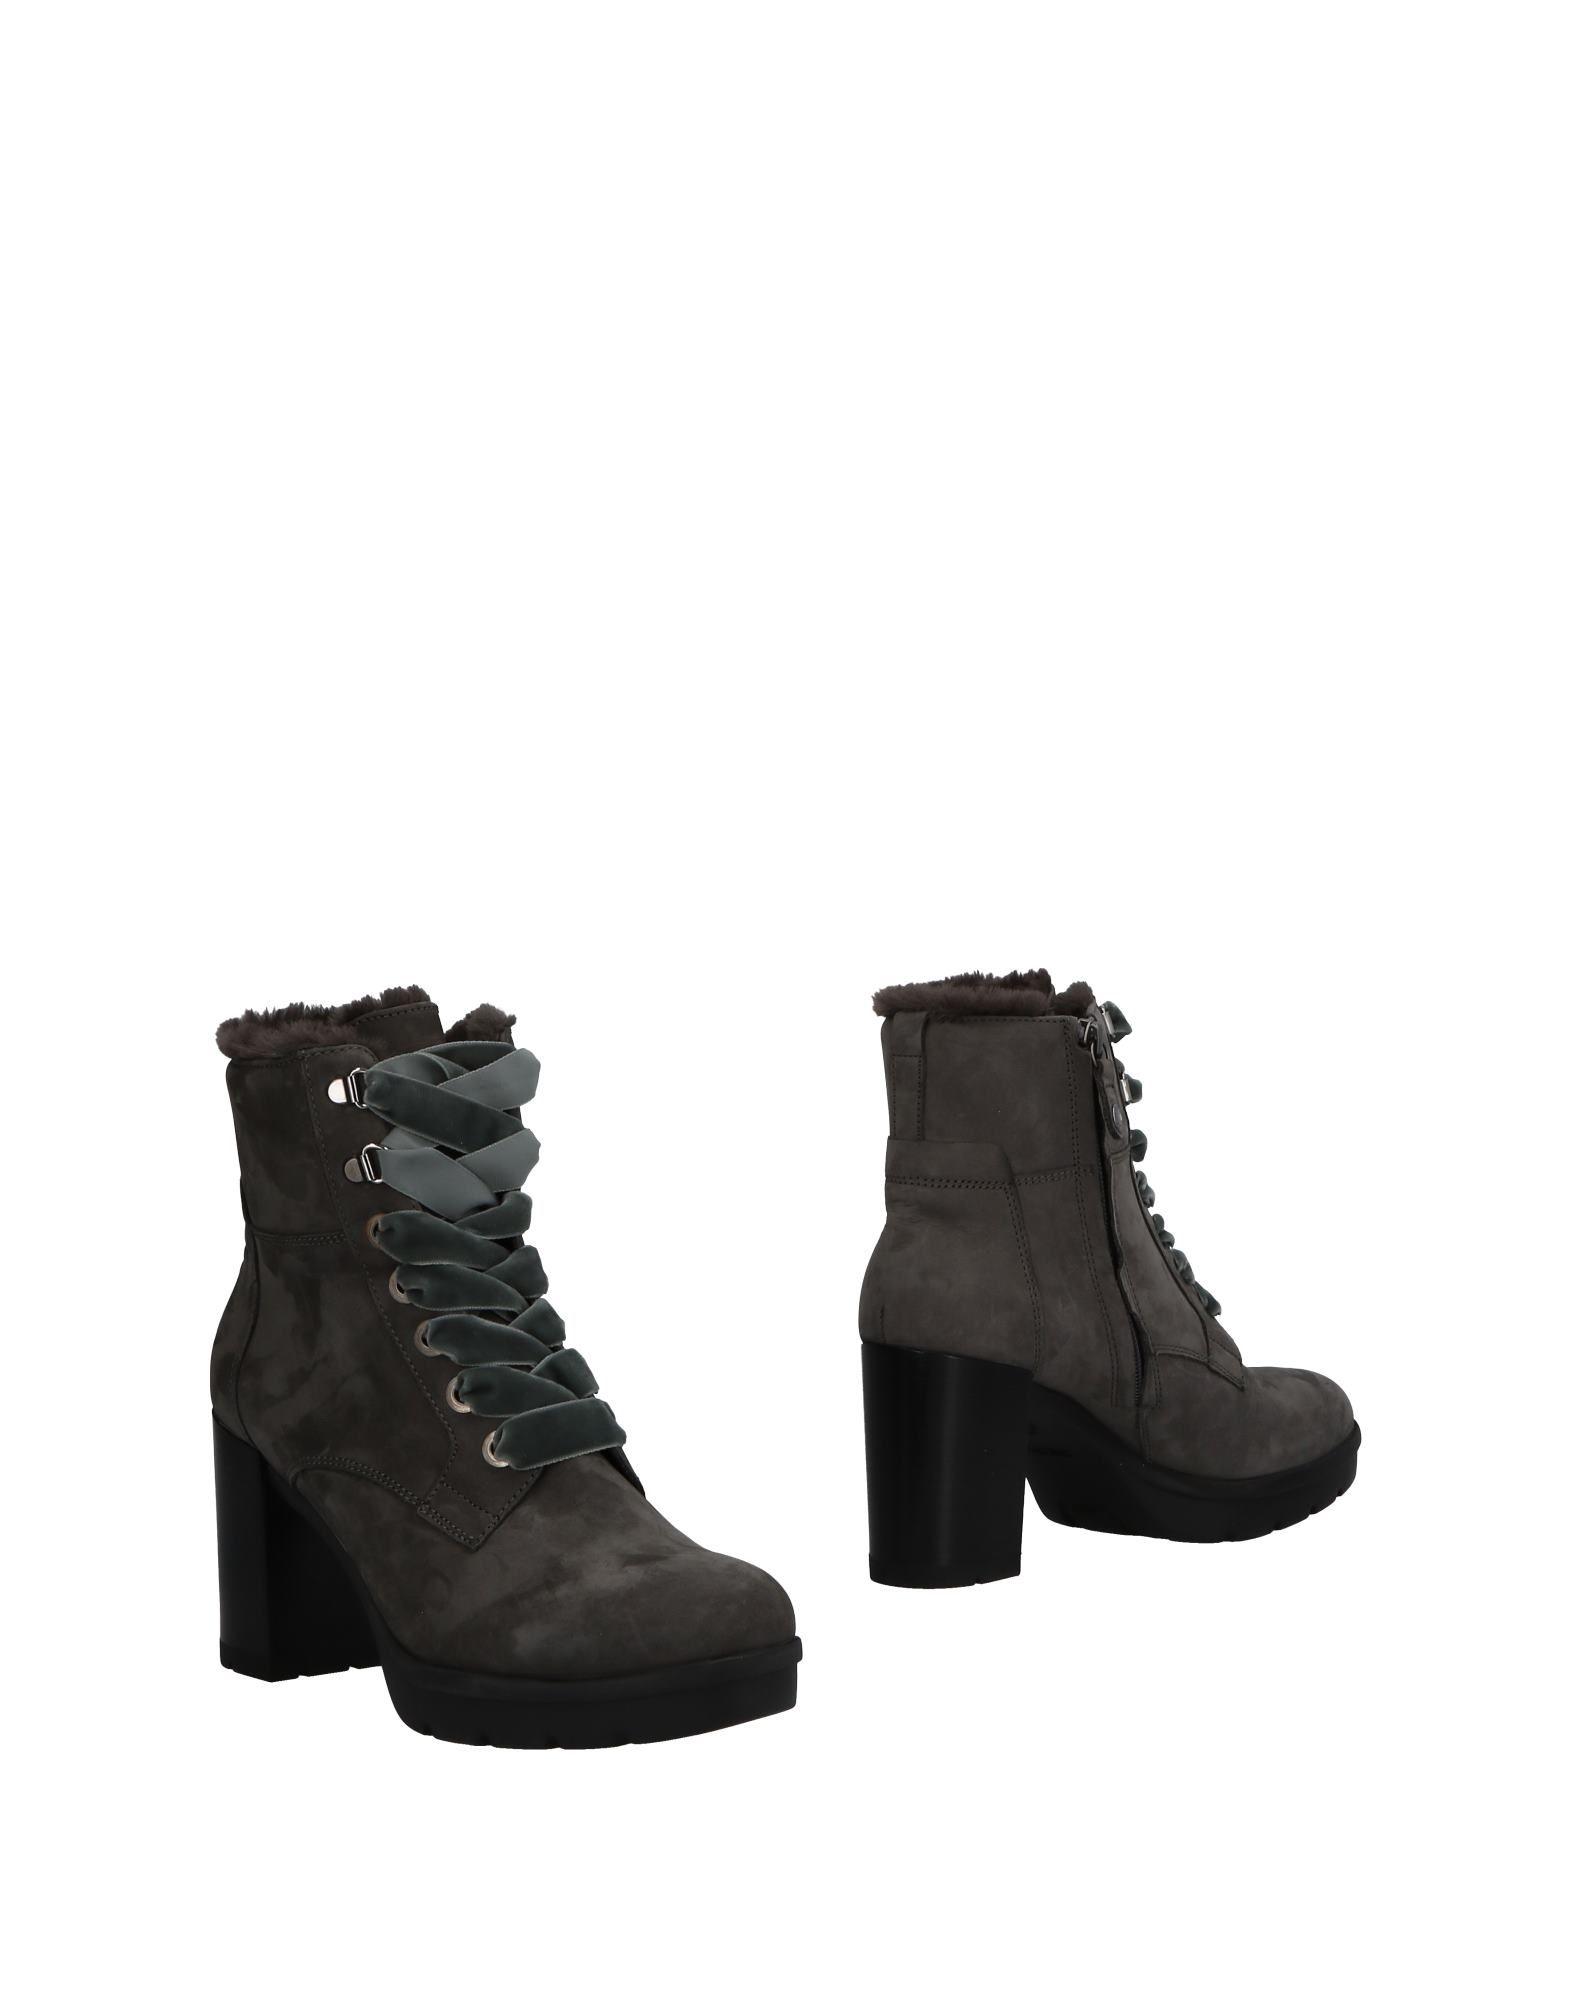 Geox Qualität Stiefelette Damen 11496791PN Gute Qualität Geox beliebte Schuhe 240359